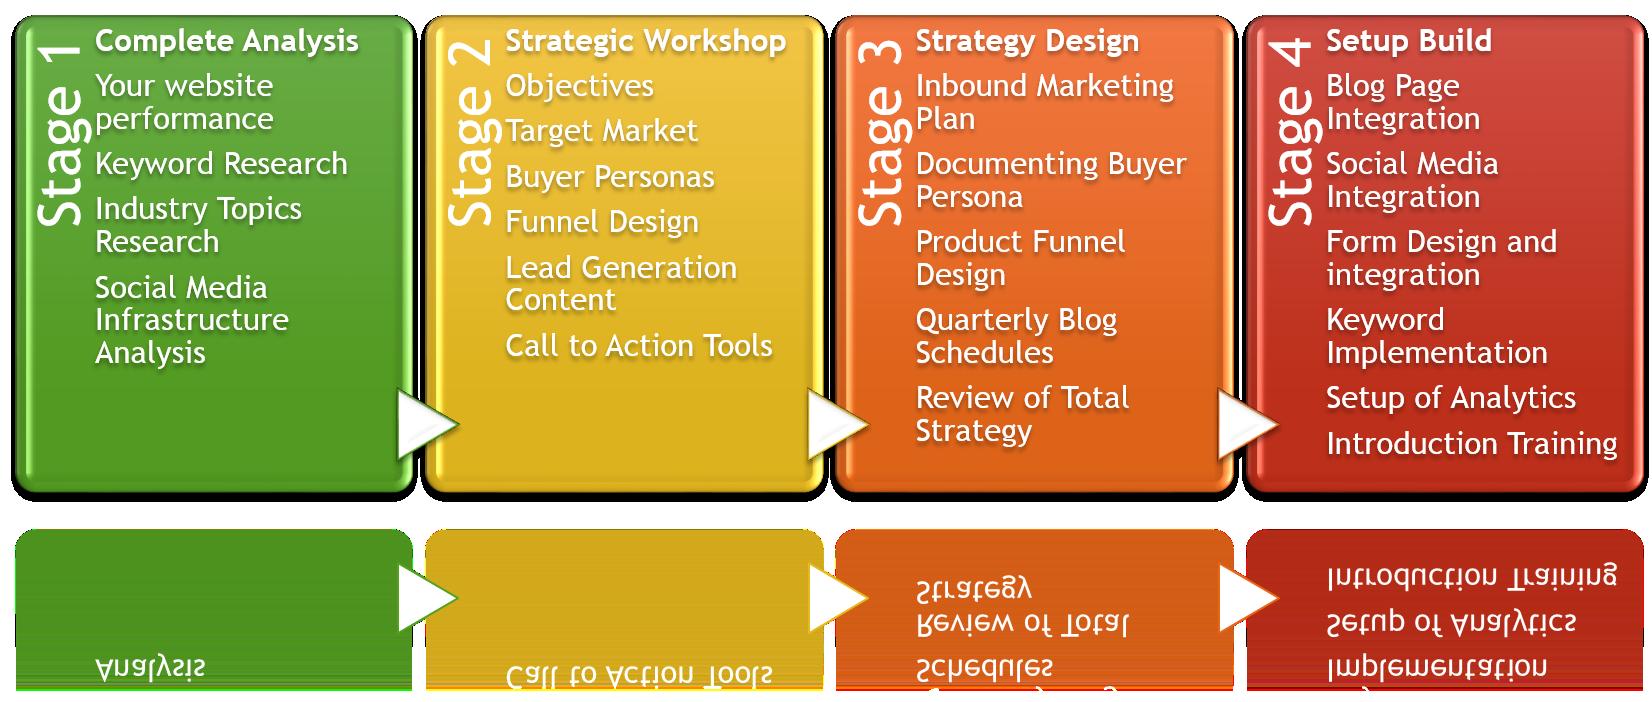 Inbound_Marketing_Launch_Program